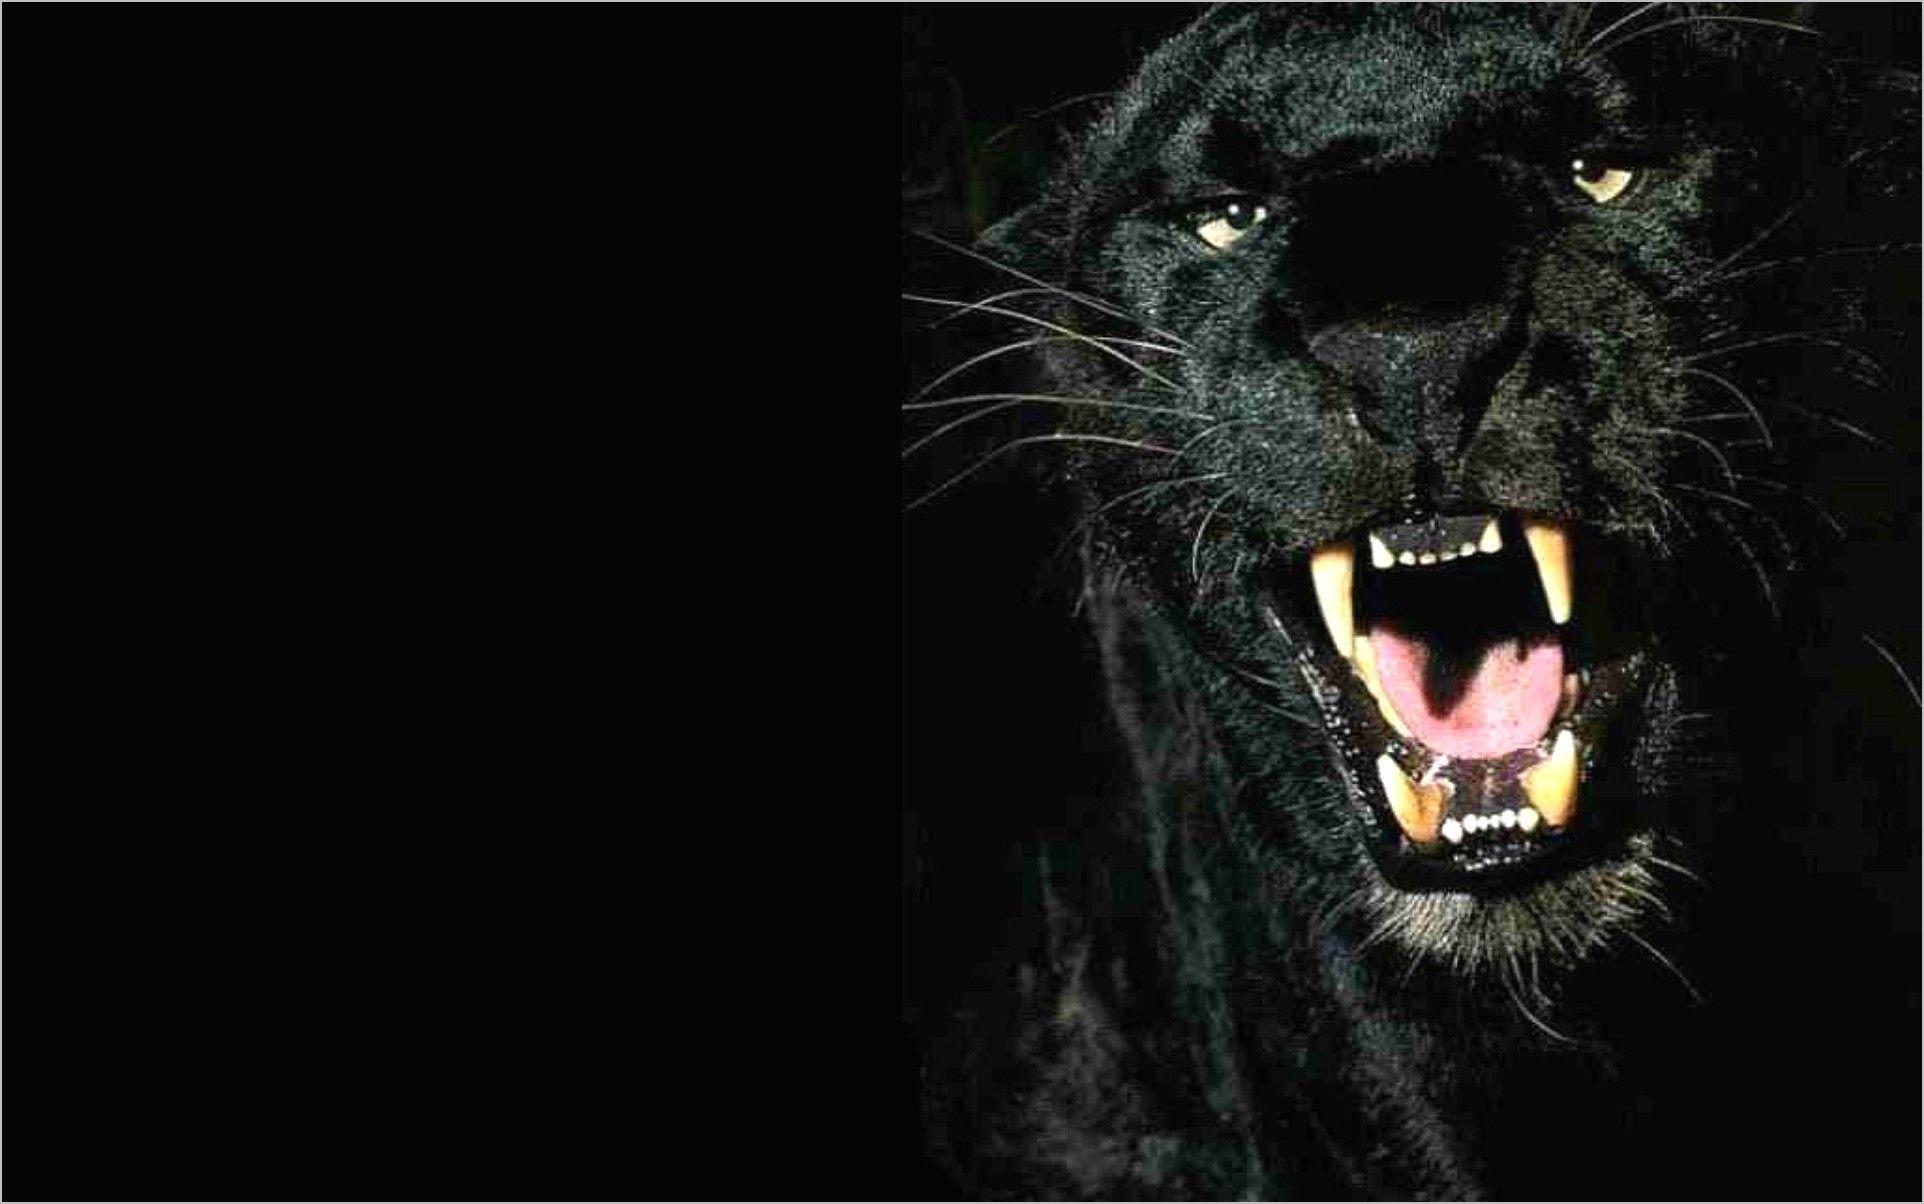 Black Panther Wallpaper 4k Animal Black Wallpaper Black Panther Panther